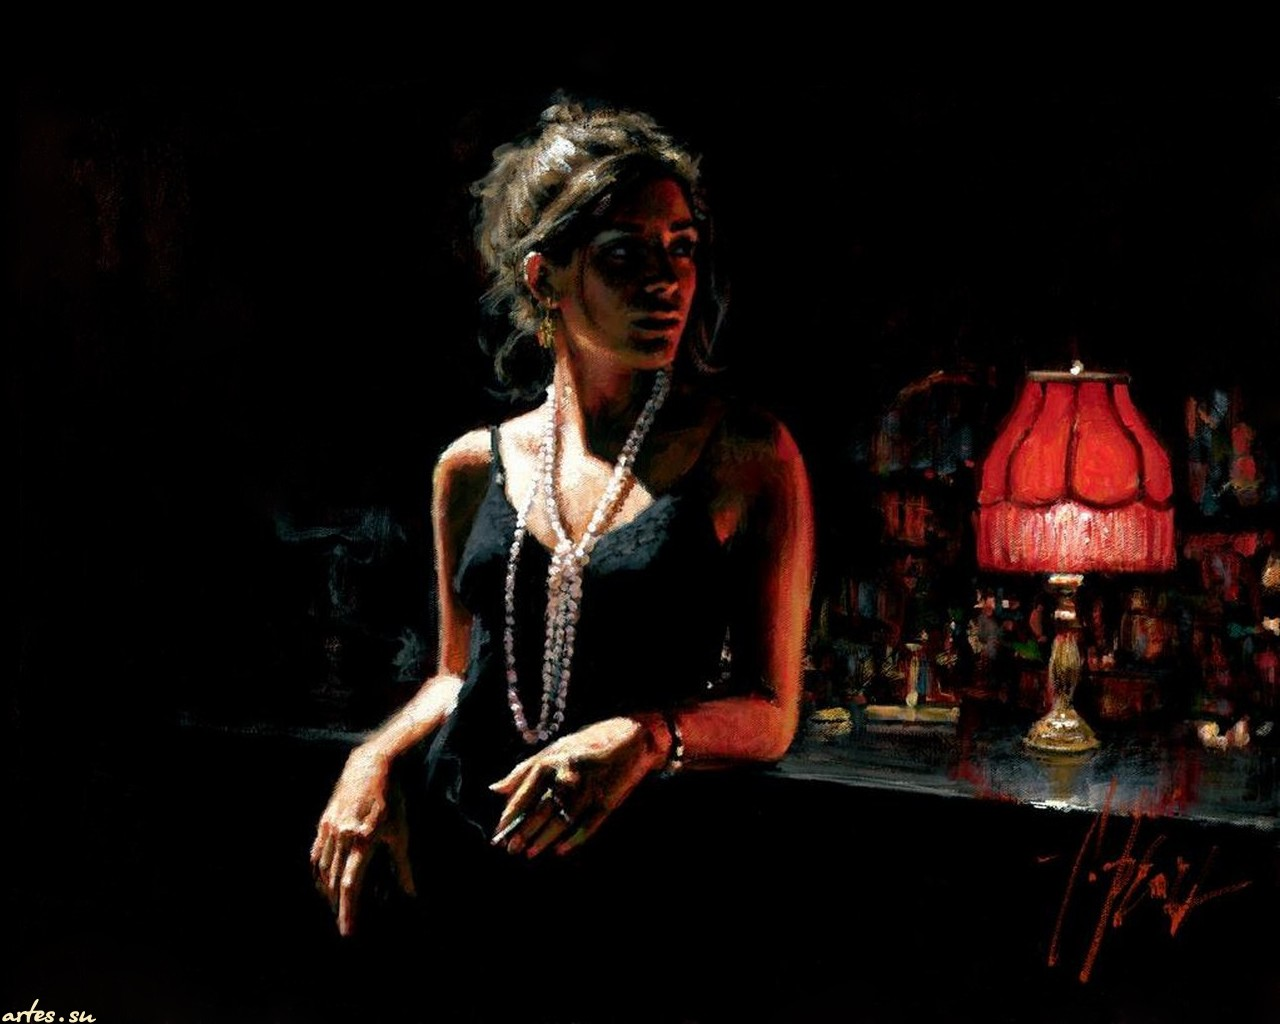 Девушка с виски фото черно-белое